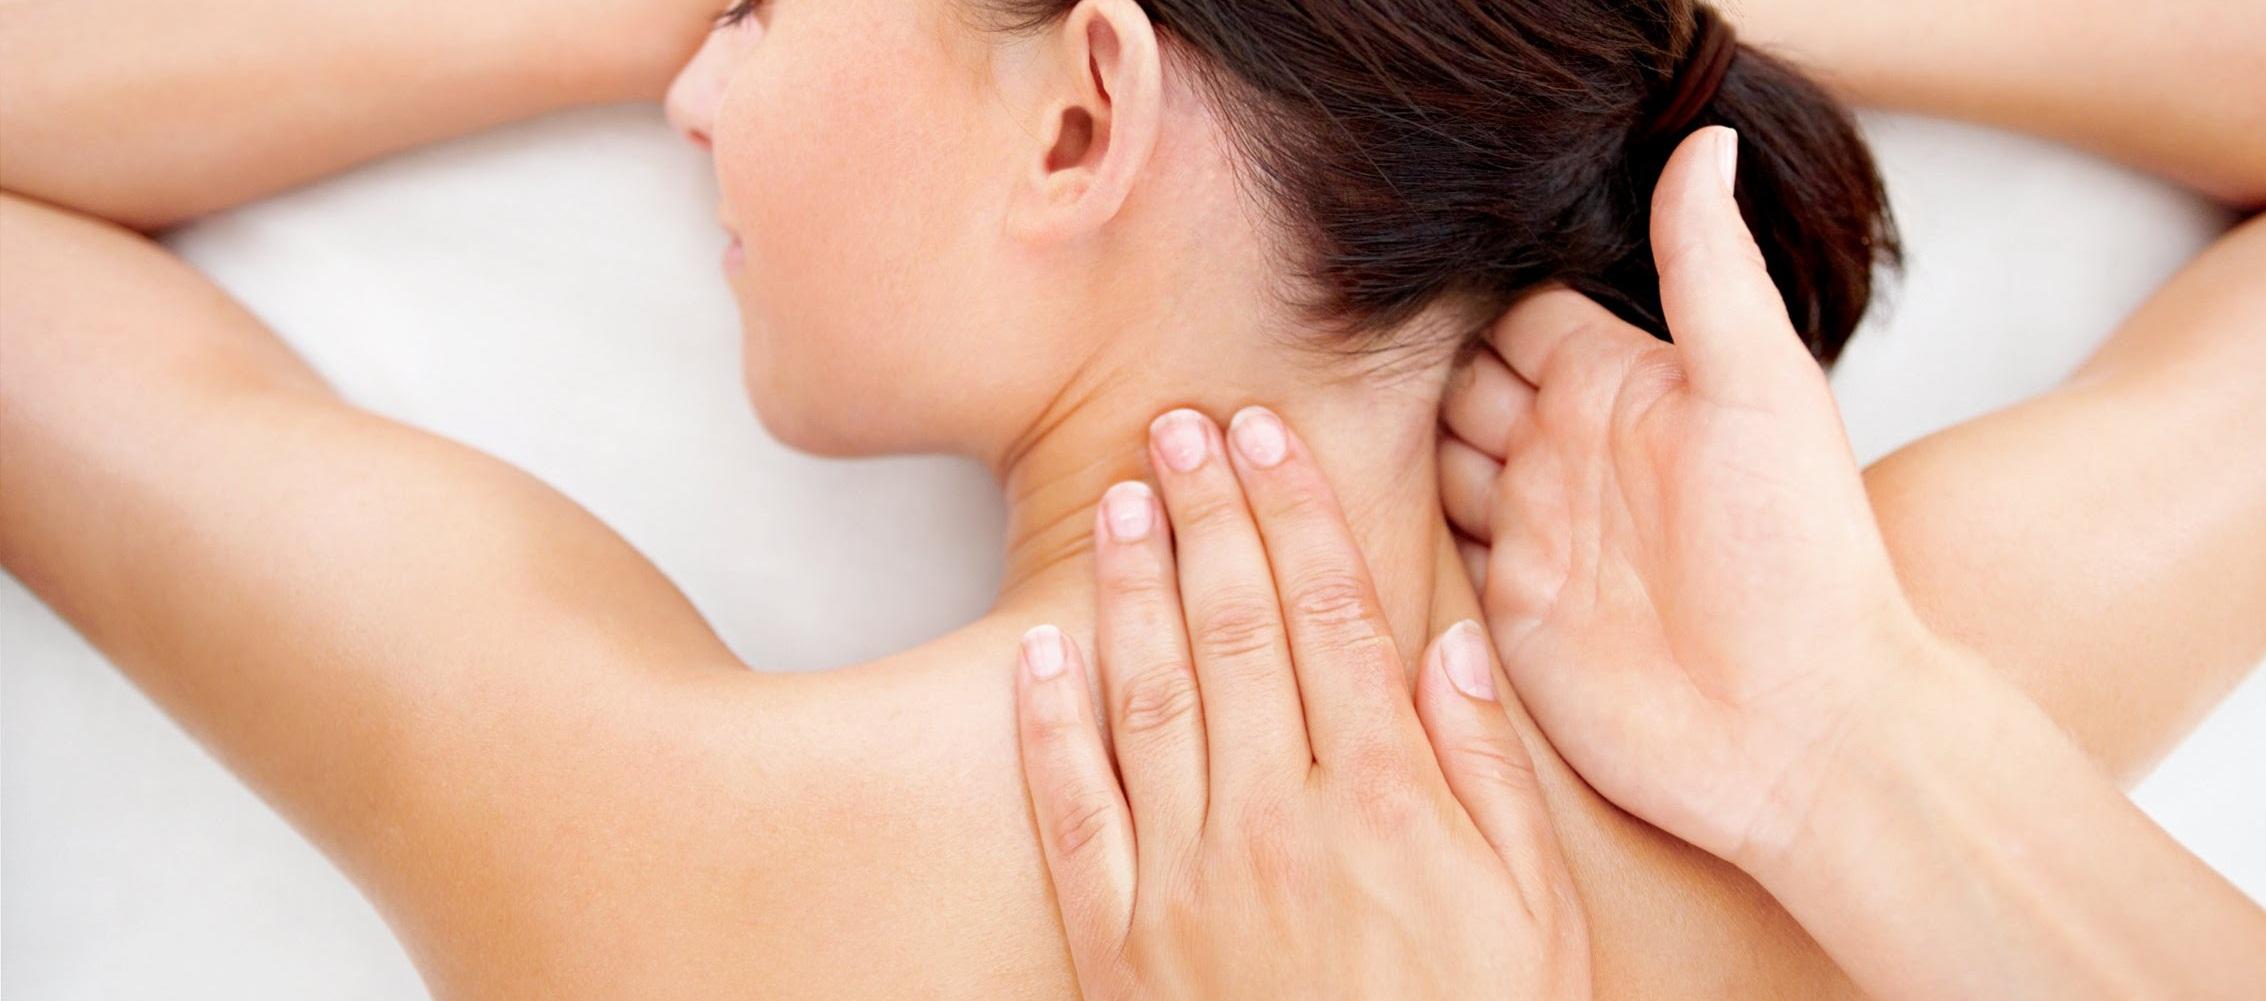 5 опасных осложнений остеохондроза шейного отдела, симптомы и лечение